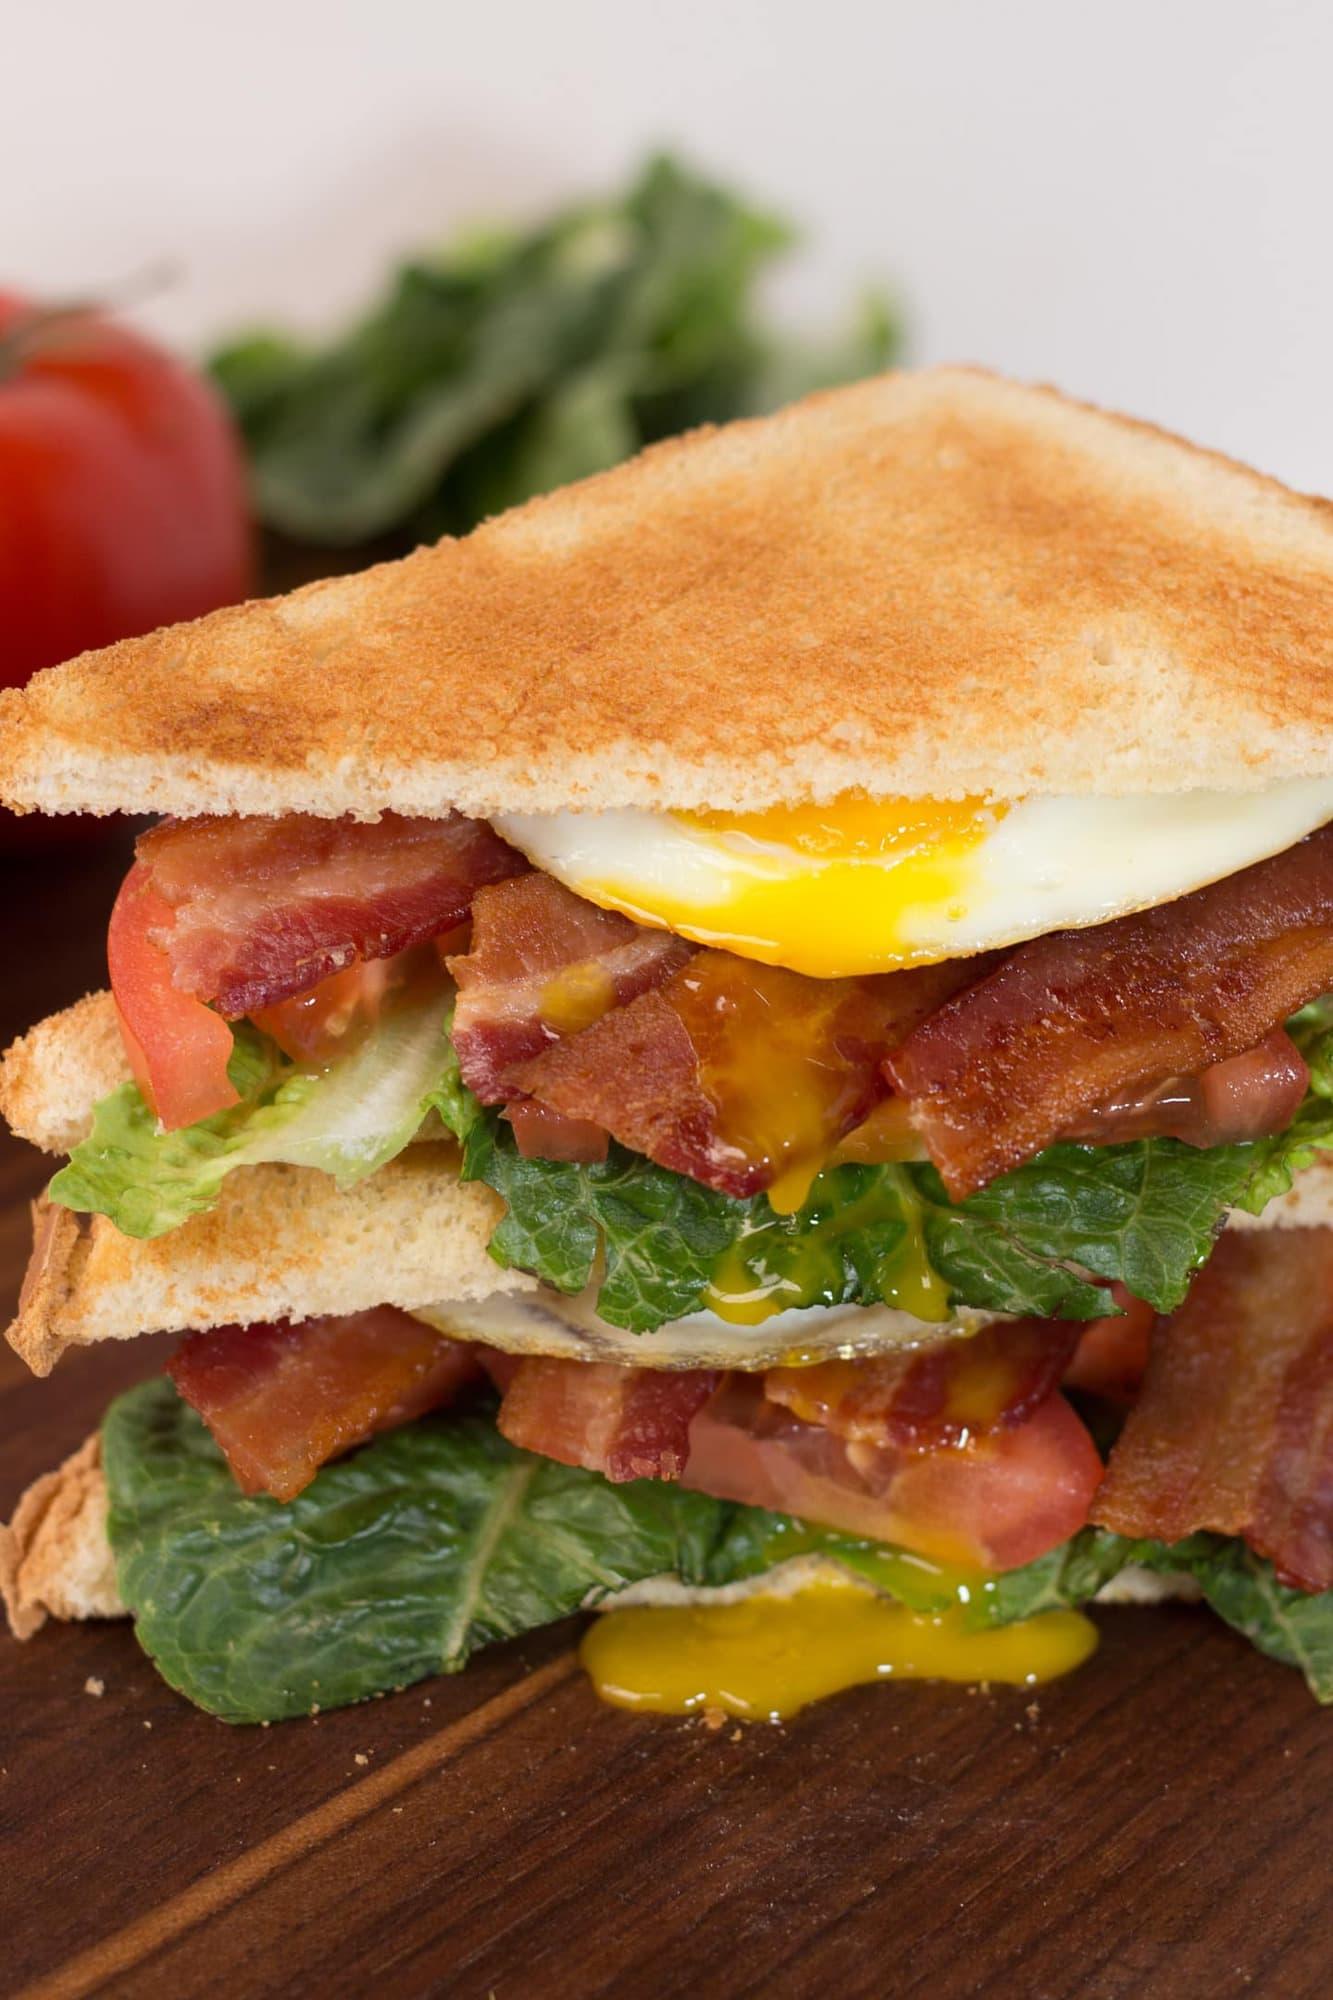 BELT Sandwich on cutting board